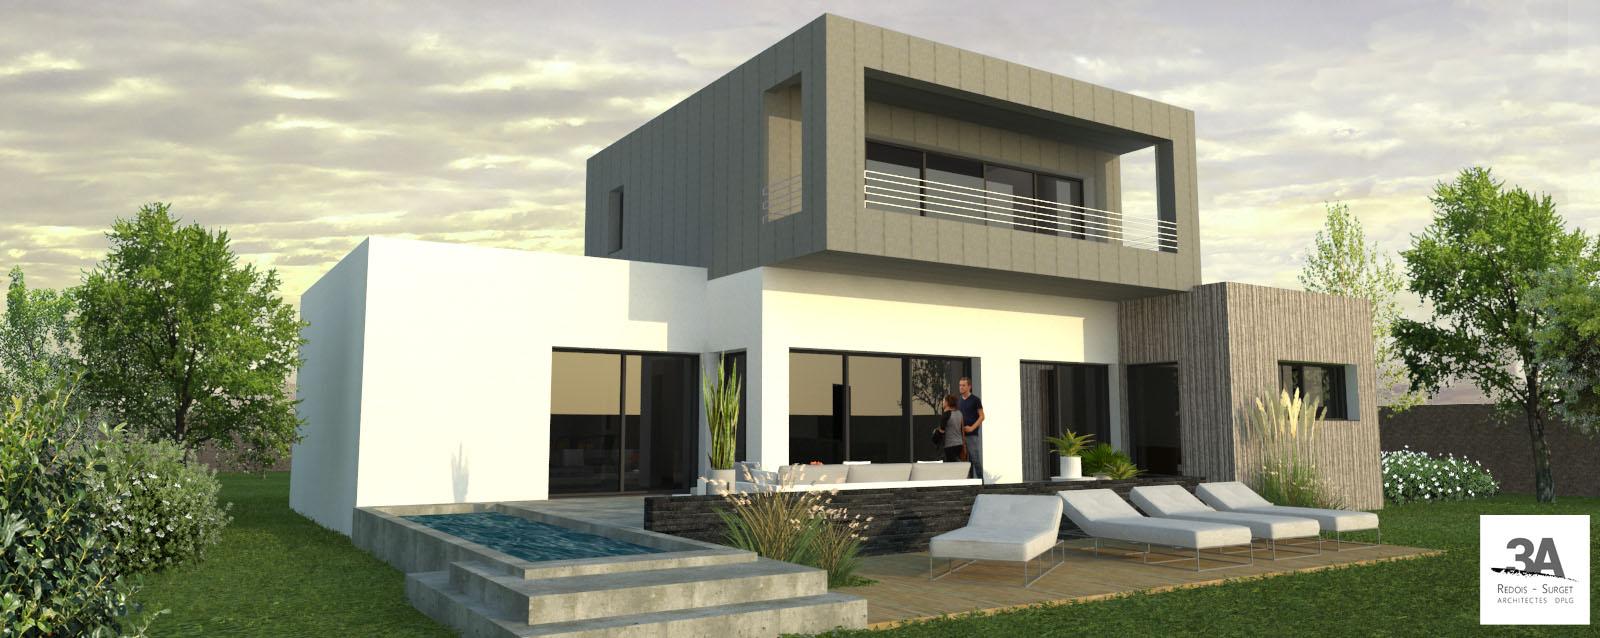 3A REDOIS-SURGET Architectes Clisson